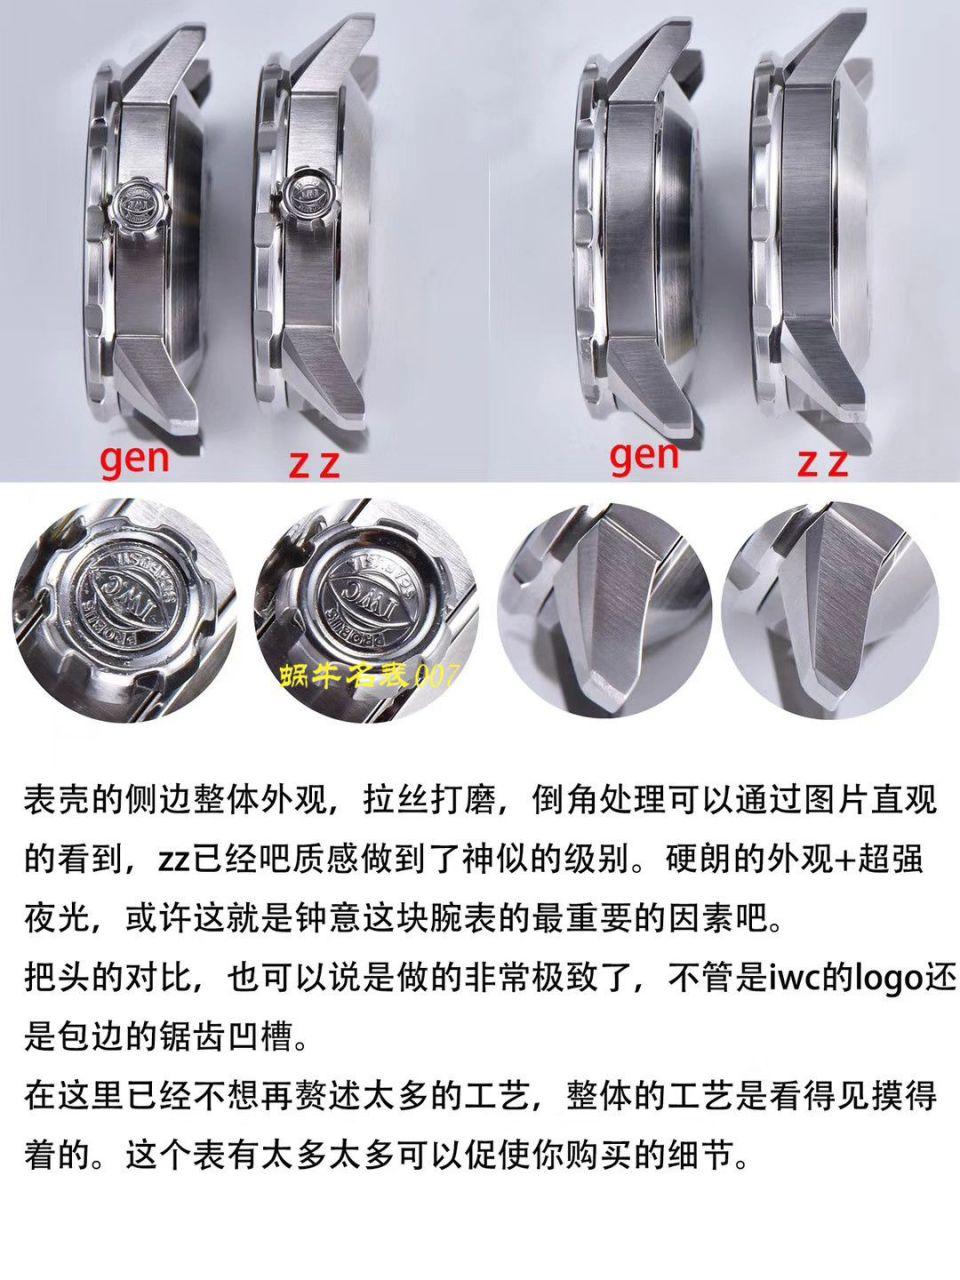 【ZZ厂万国顶级复刻手表】IWC万国表海洋时计系列IW356802腕表